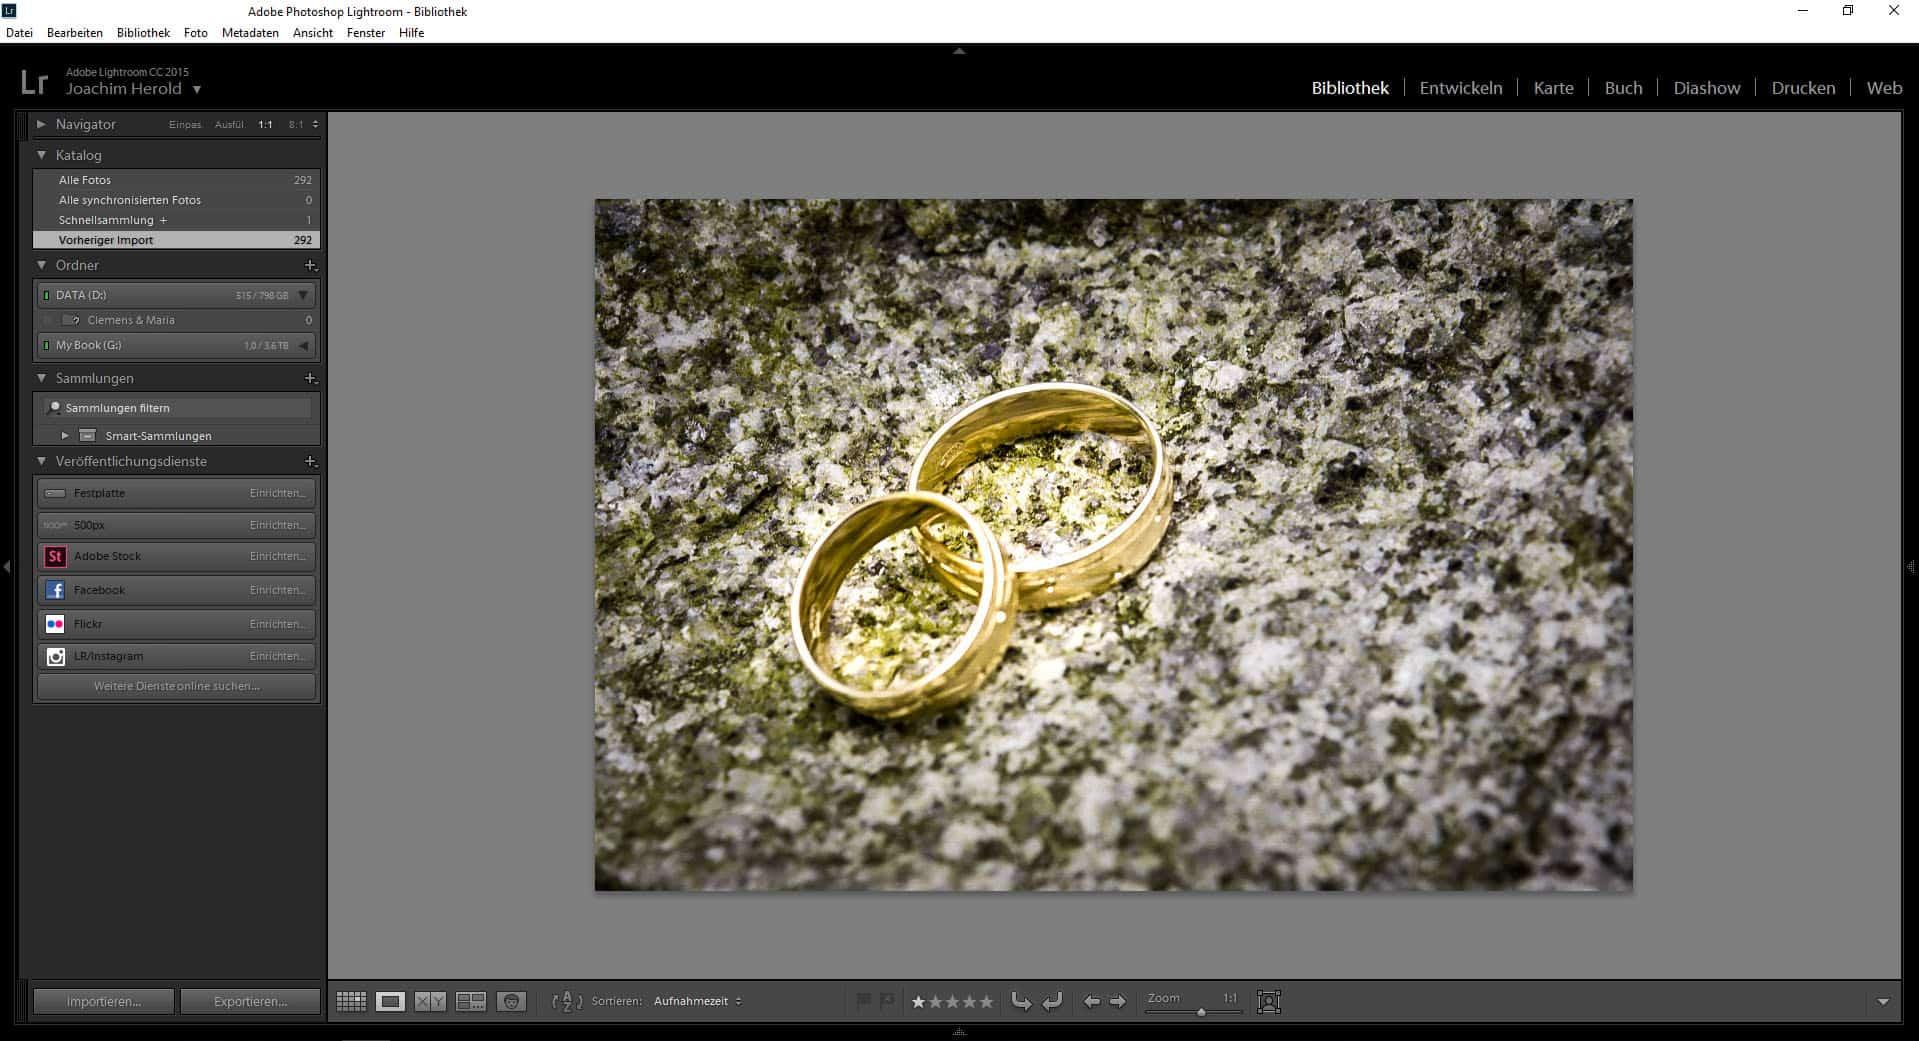 Ringfoto von Hochzeit in Lightroom, Bildoptimierung